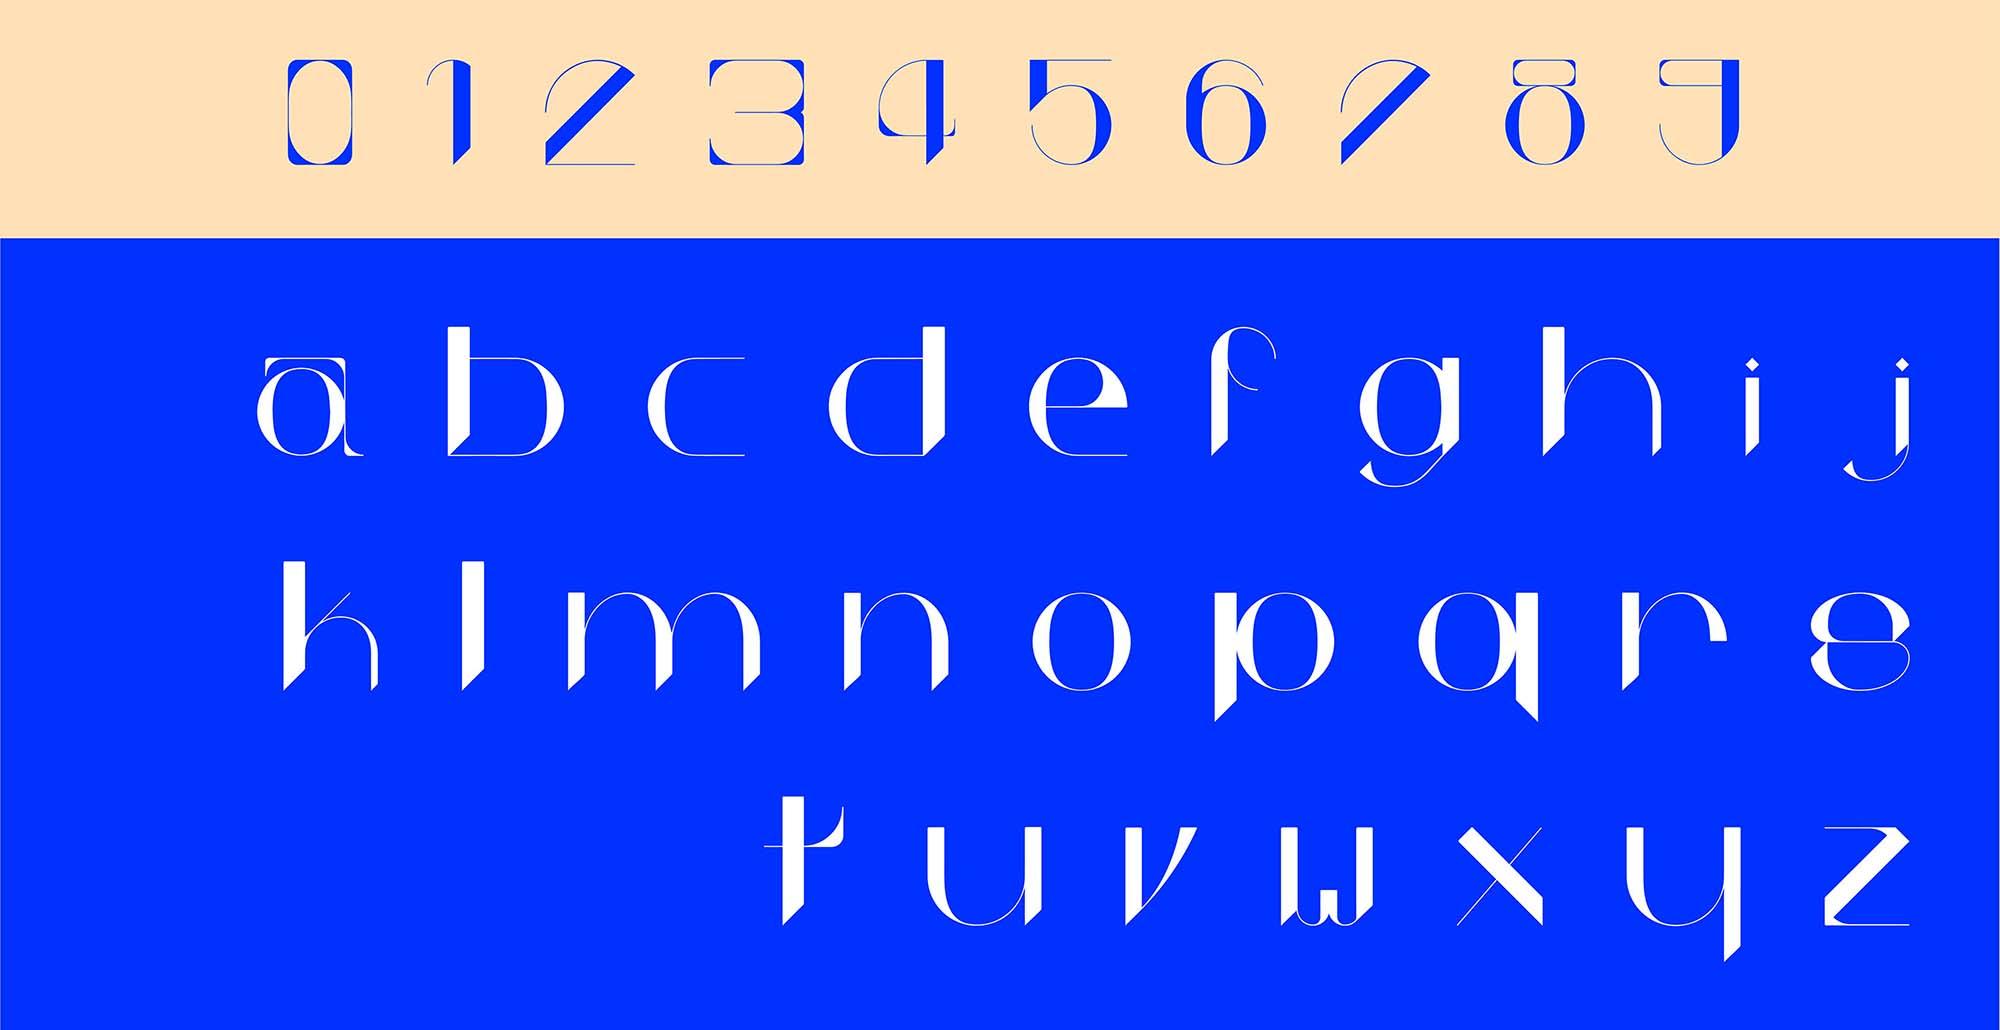 Kabond Display Font 3